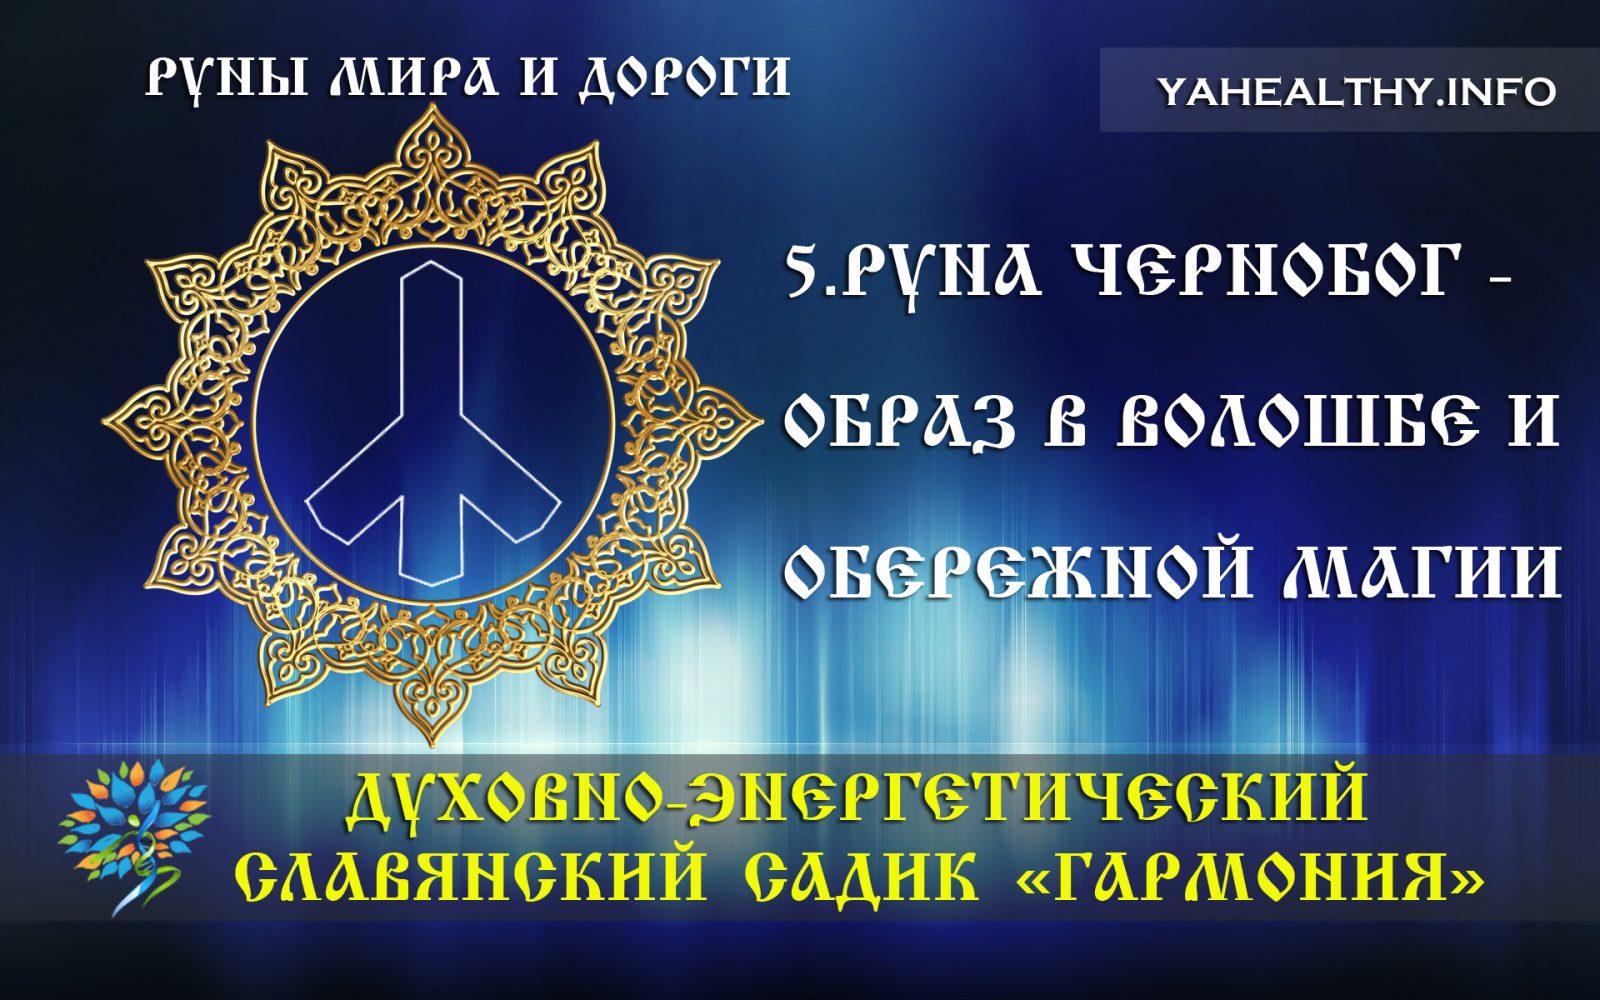 Руна Чернобог - образ в волошбе и обережной магии